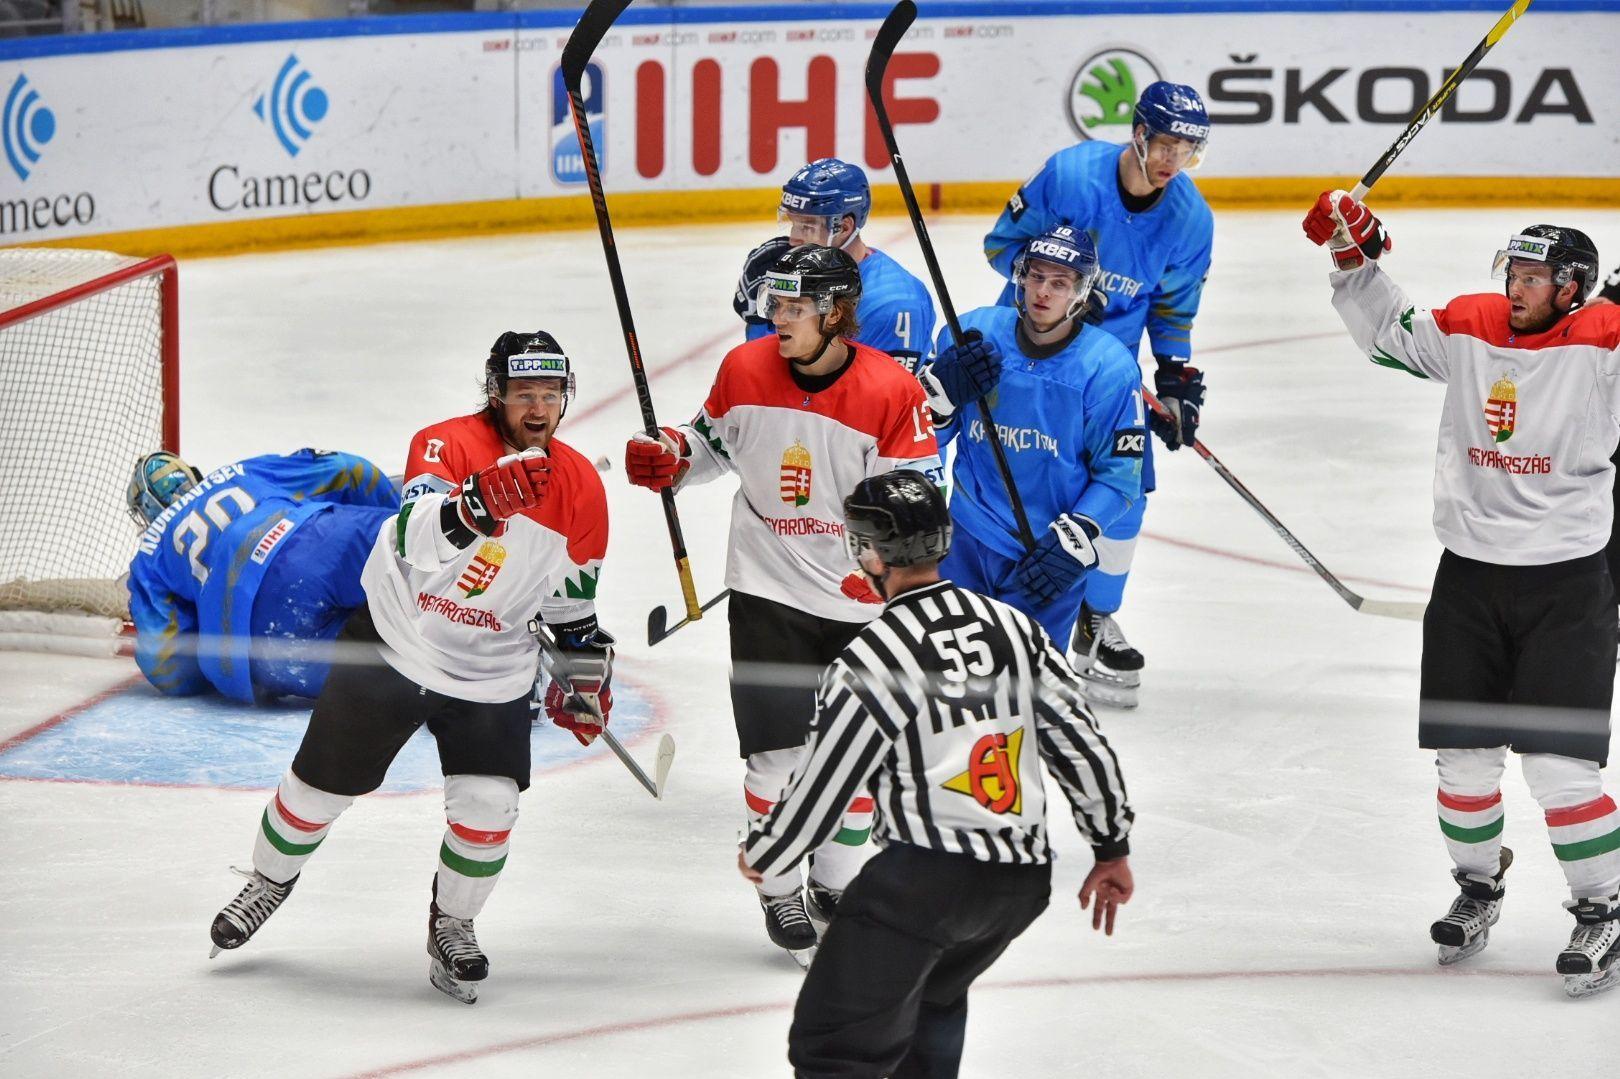 Матч сборных Казахстана и Венгрии на чемпионате мира по хоккею первого дивизиона